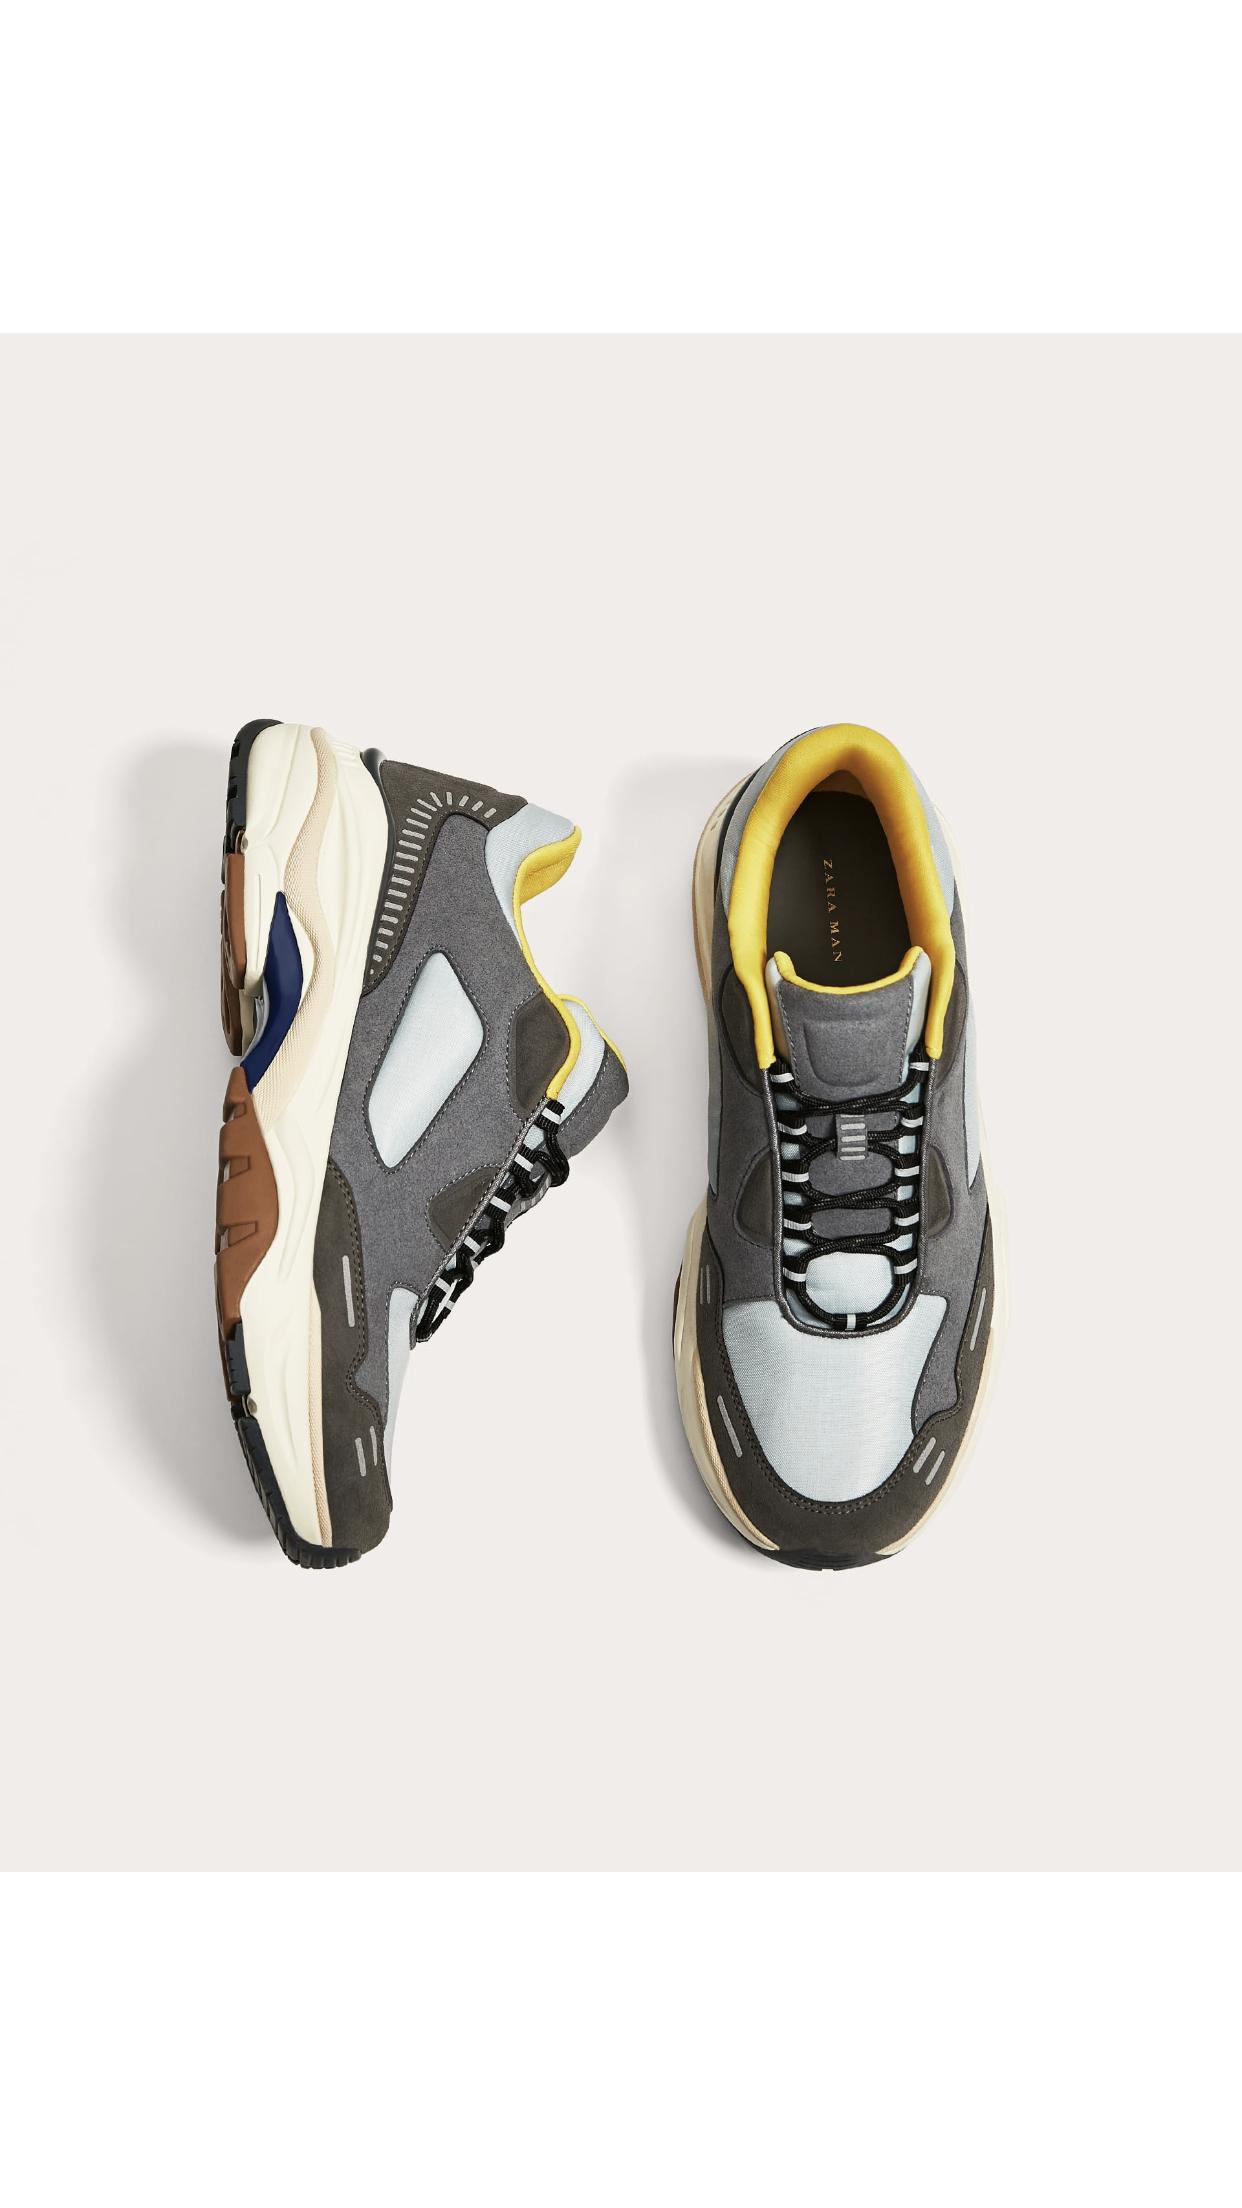 ZARA Dad Shoes | Dad shoes, Zara, Shoes